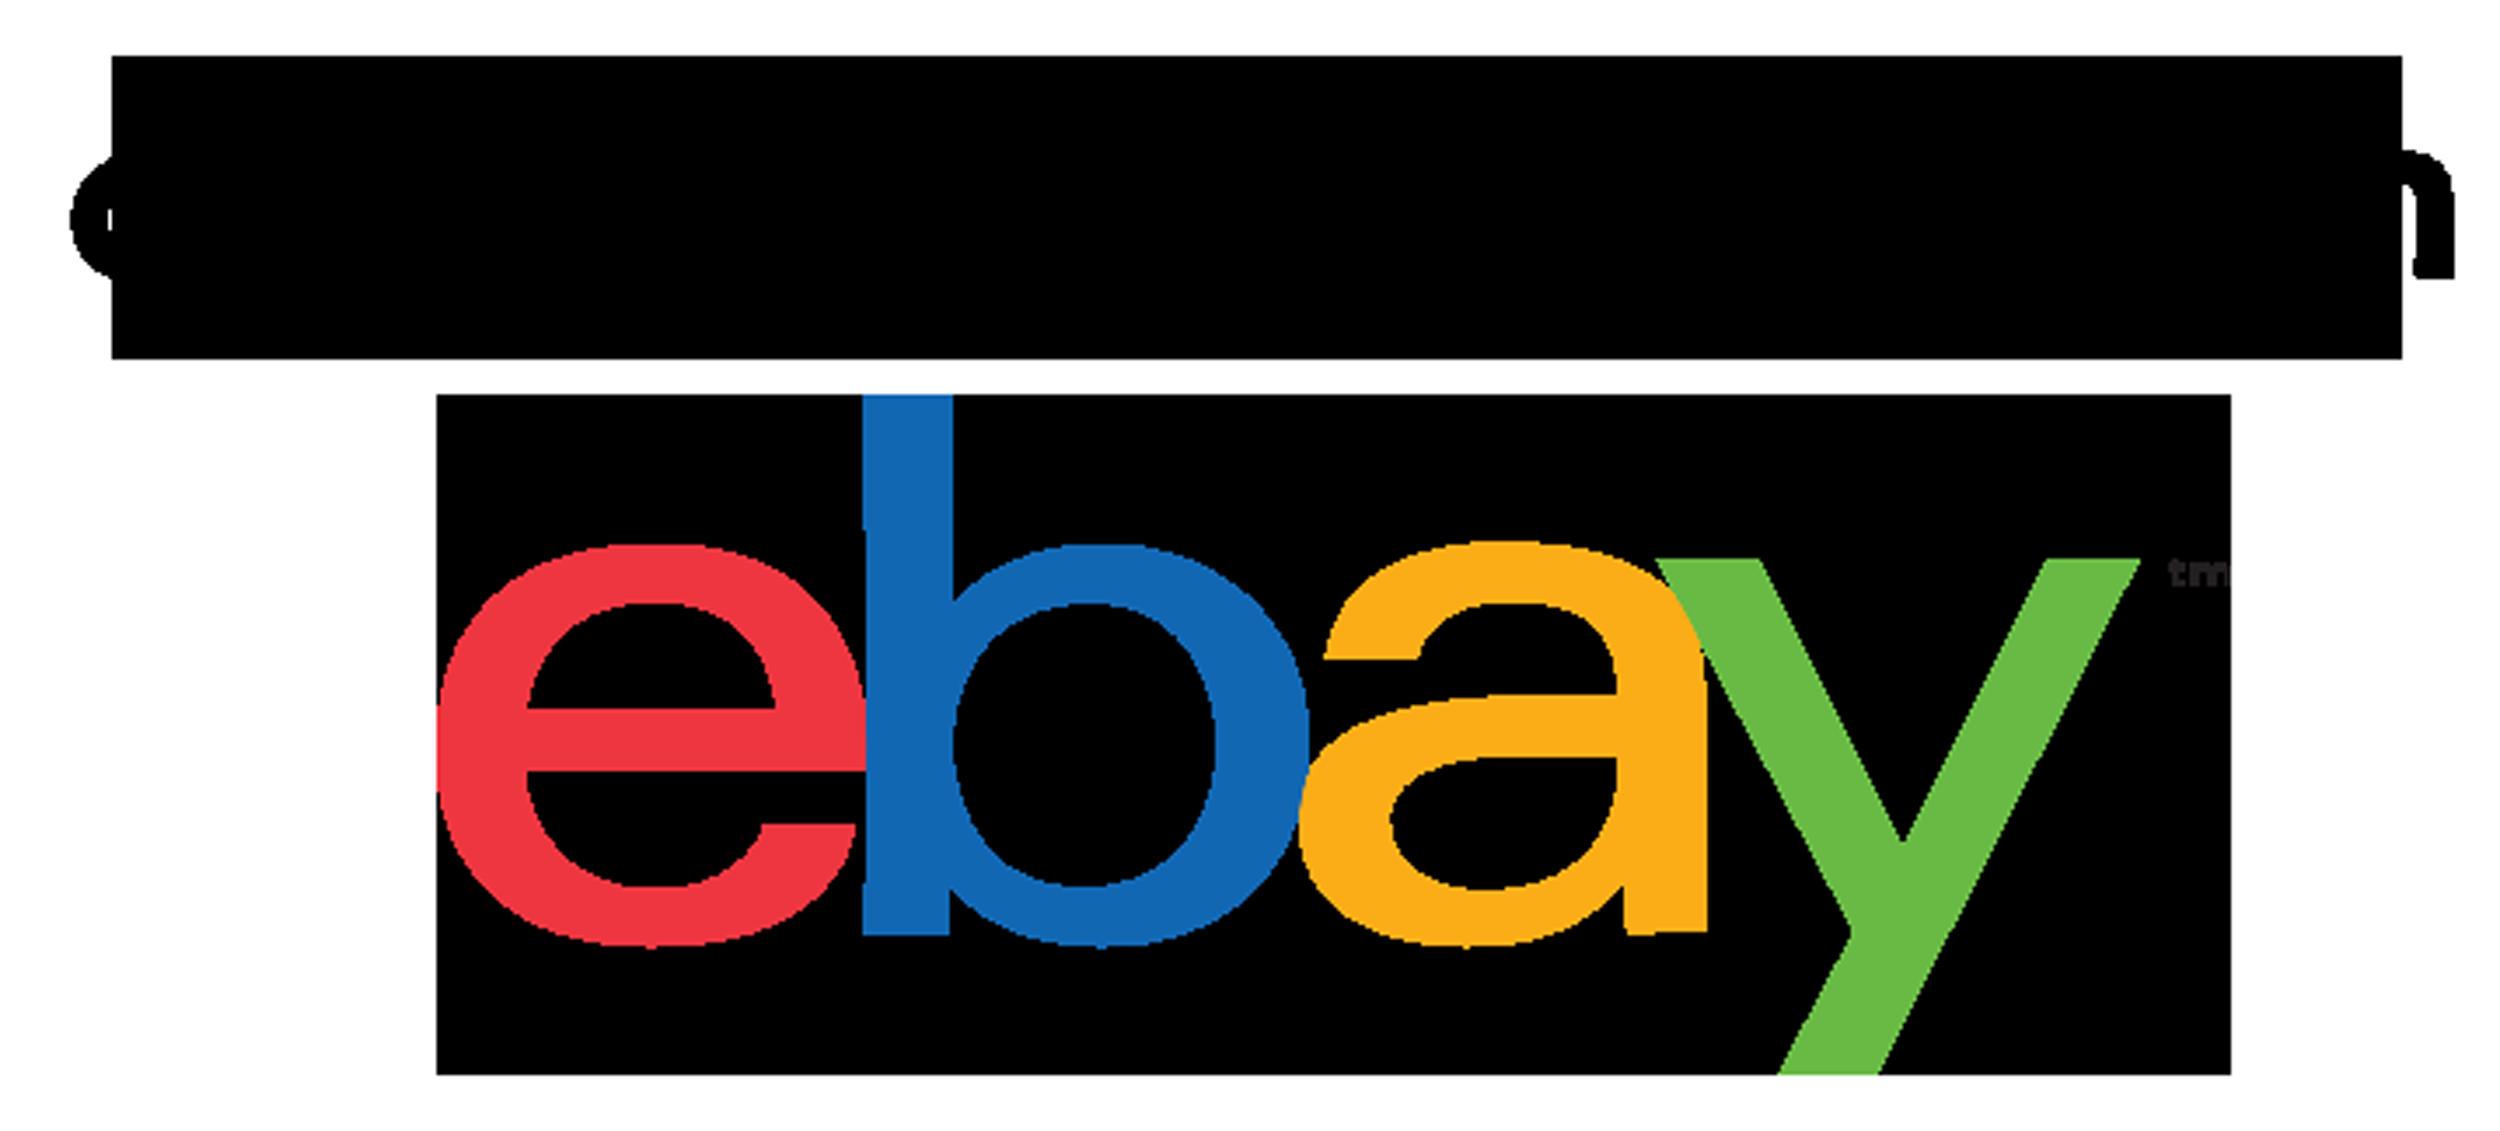 ebay-click.png